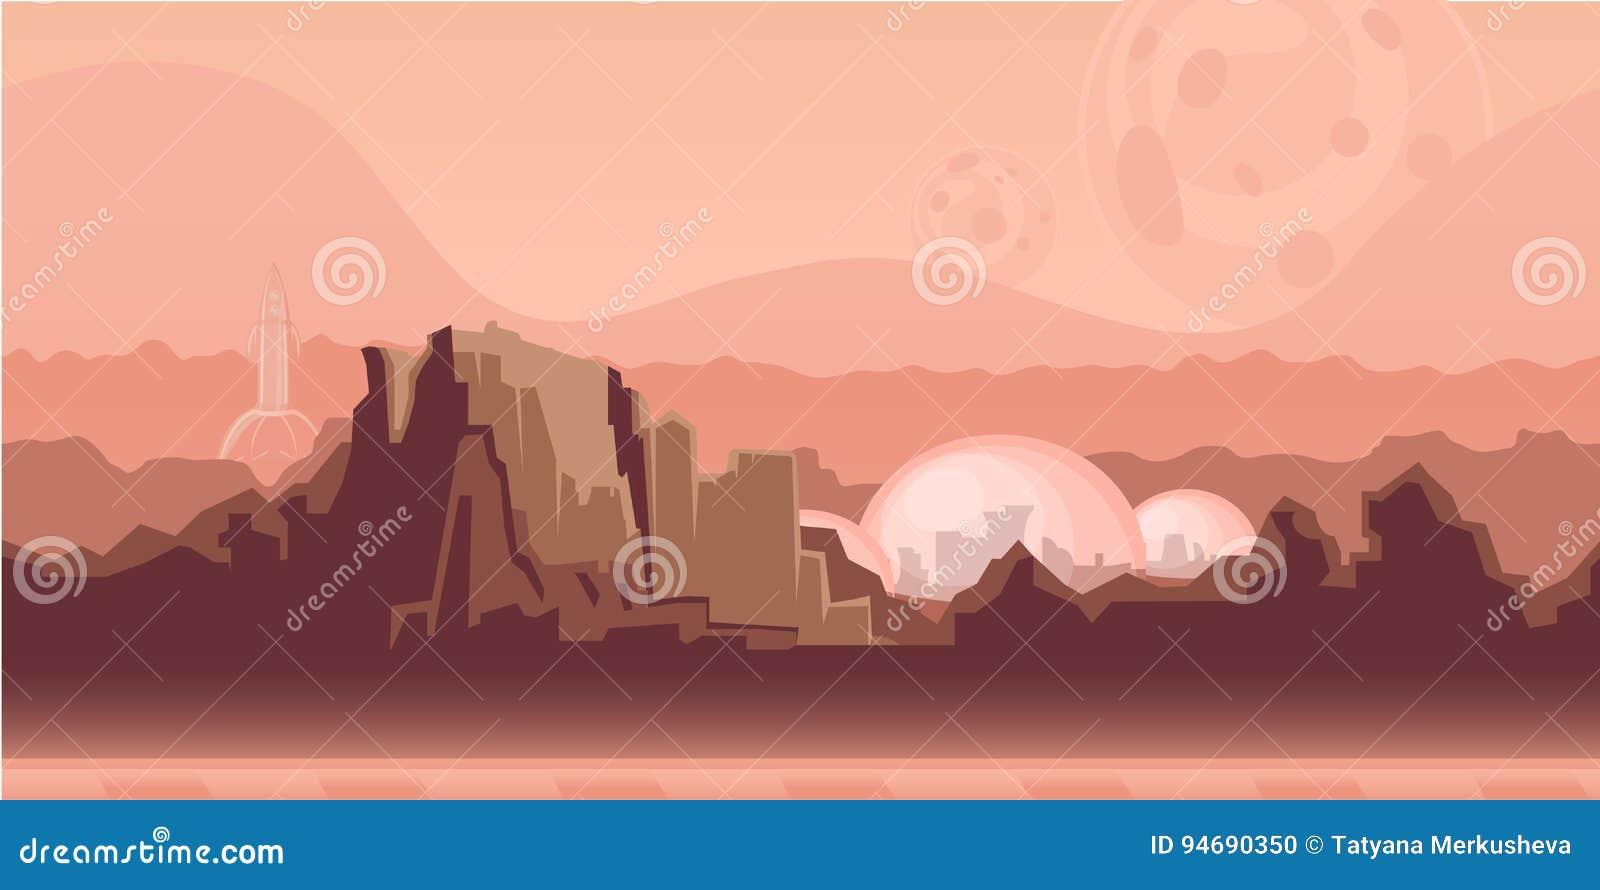 Naadloze oneindige achtergrond voor spel of animatie Oppervlakte van de planeet Mars met bergen, ruimteregeling en